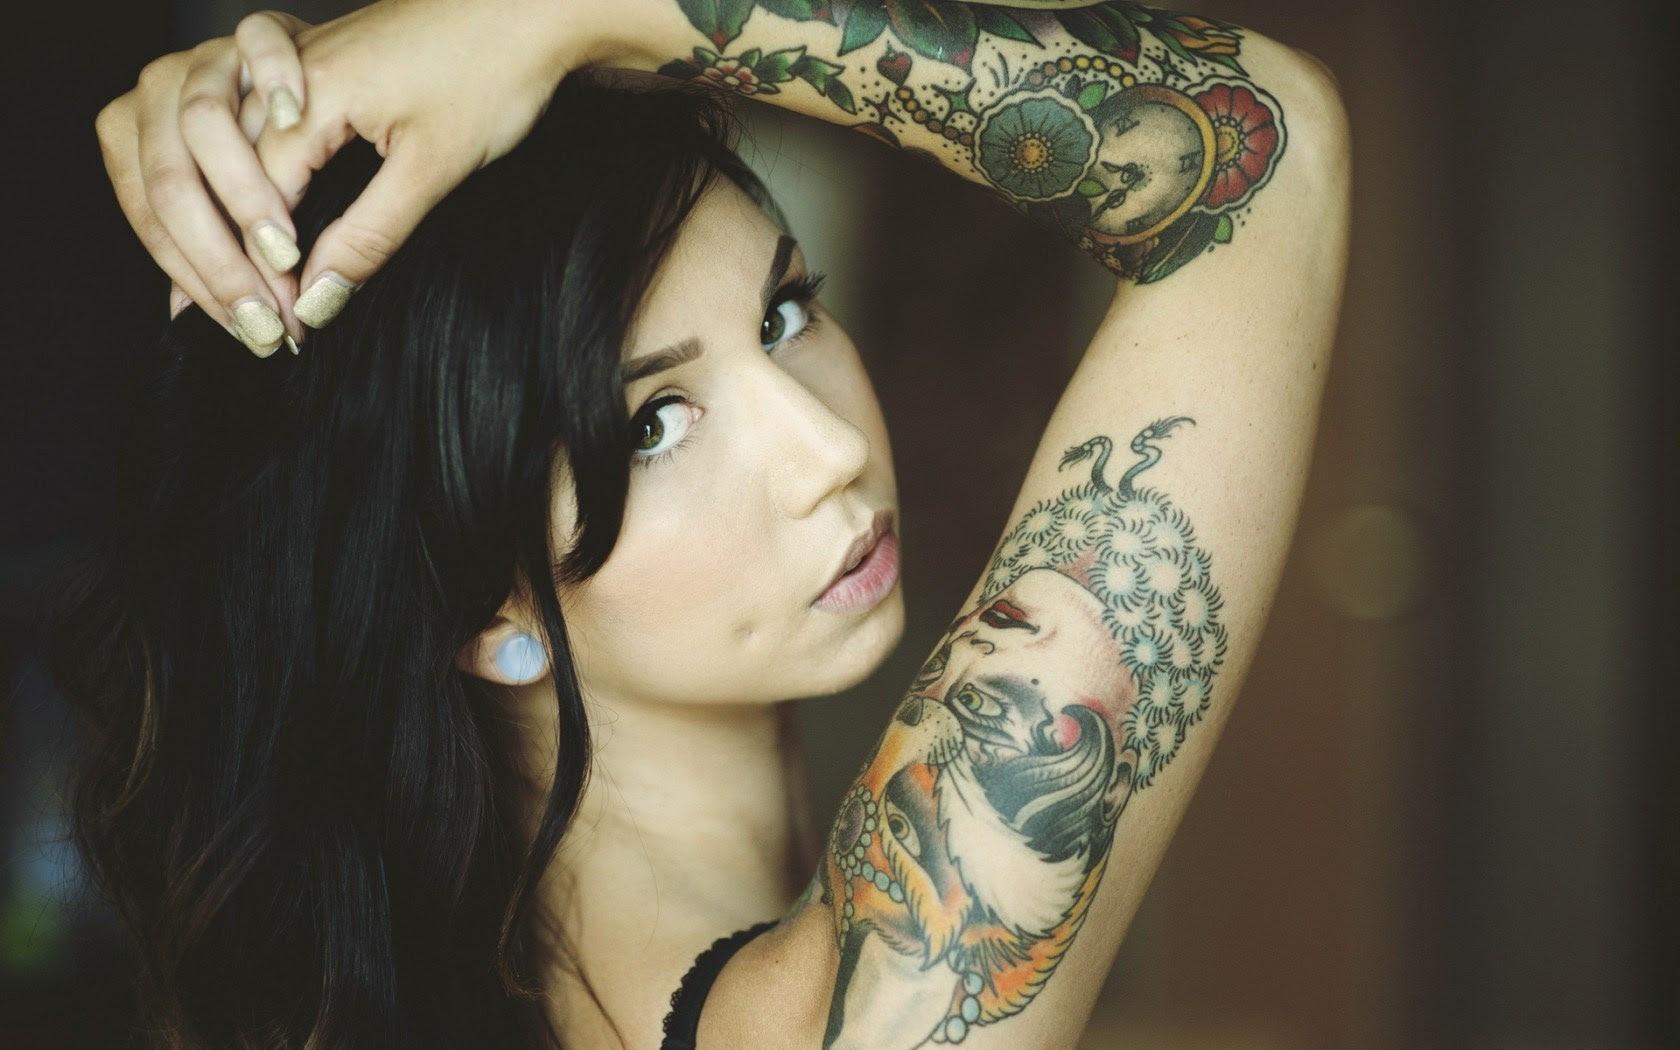 Brunette Girl Tattoos Gloves Photo Wallpaper 1680x1050 18990